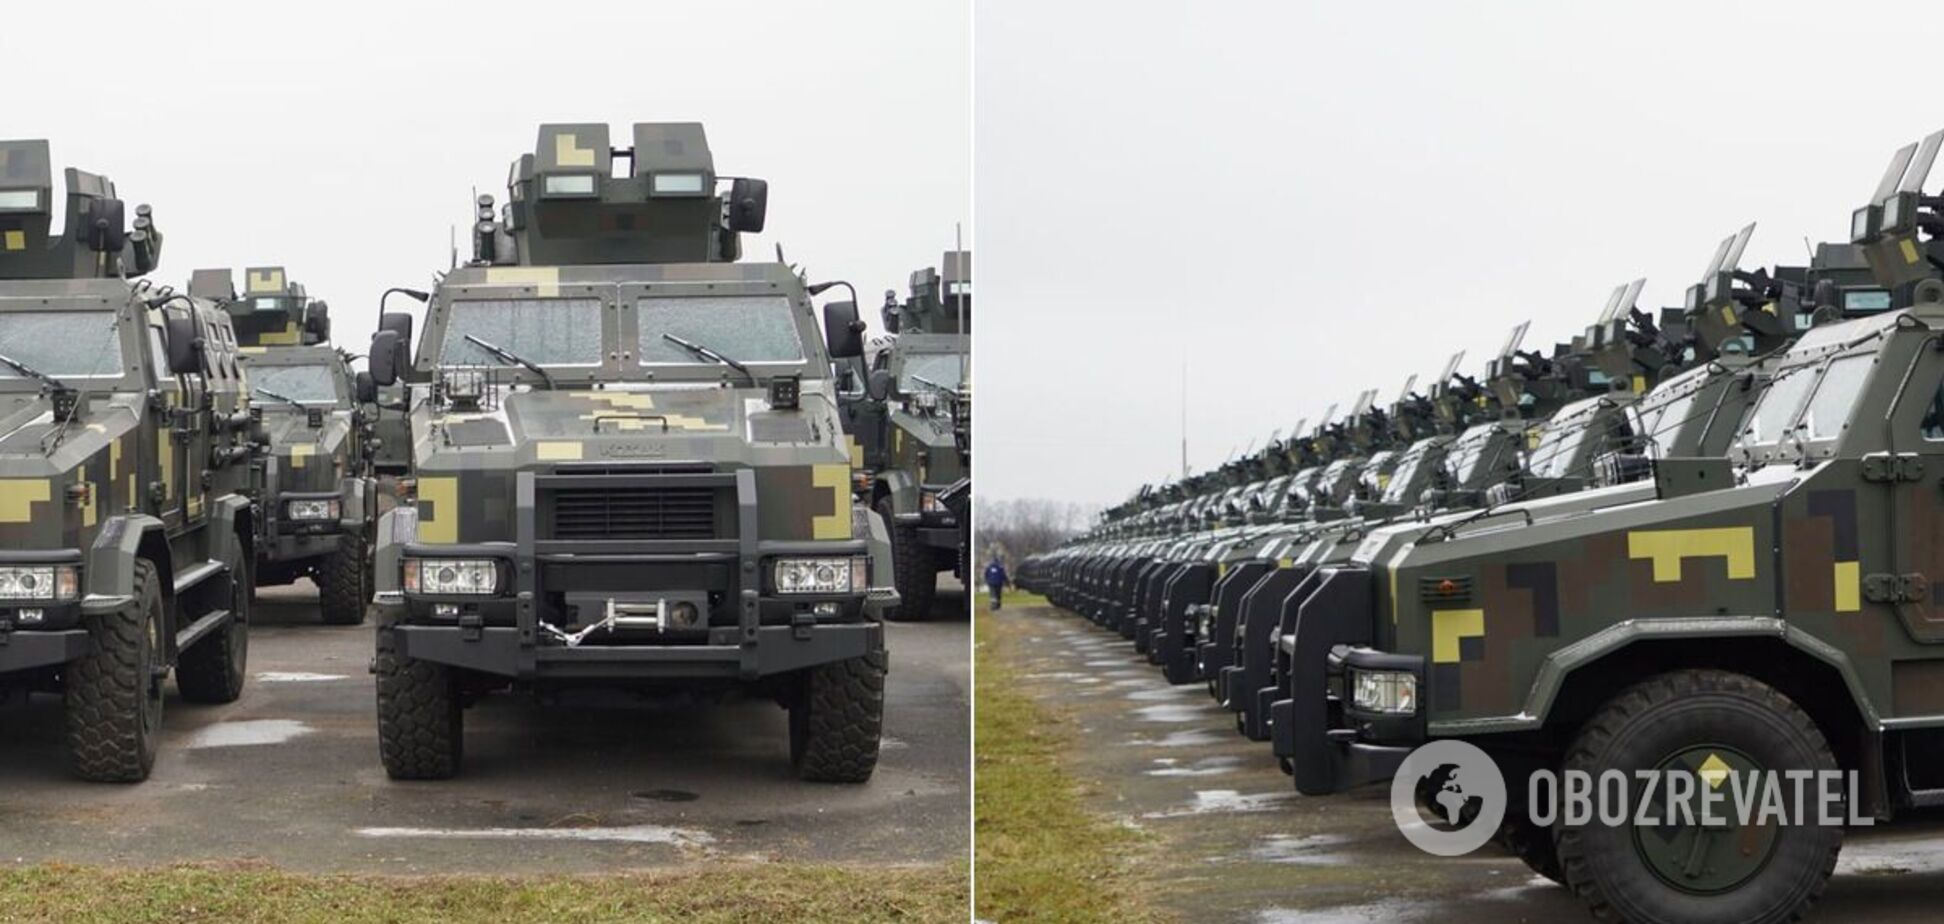 На вооружение ВСУ передали более 40 машин 'Козак-2'